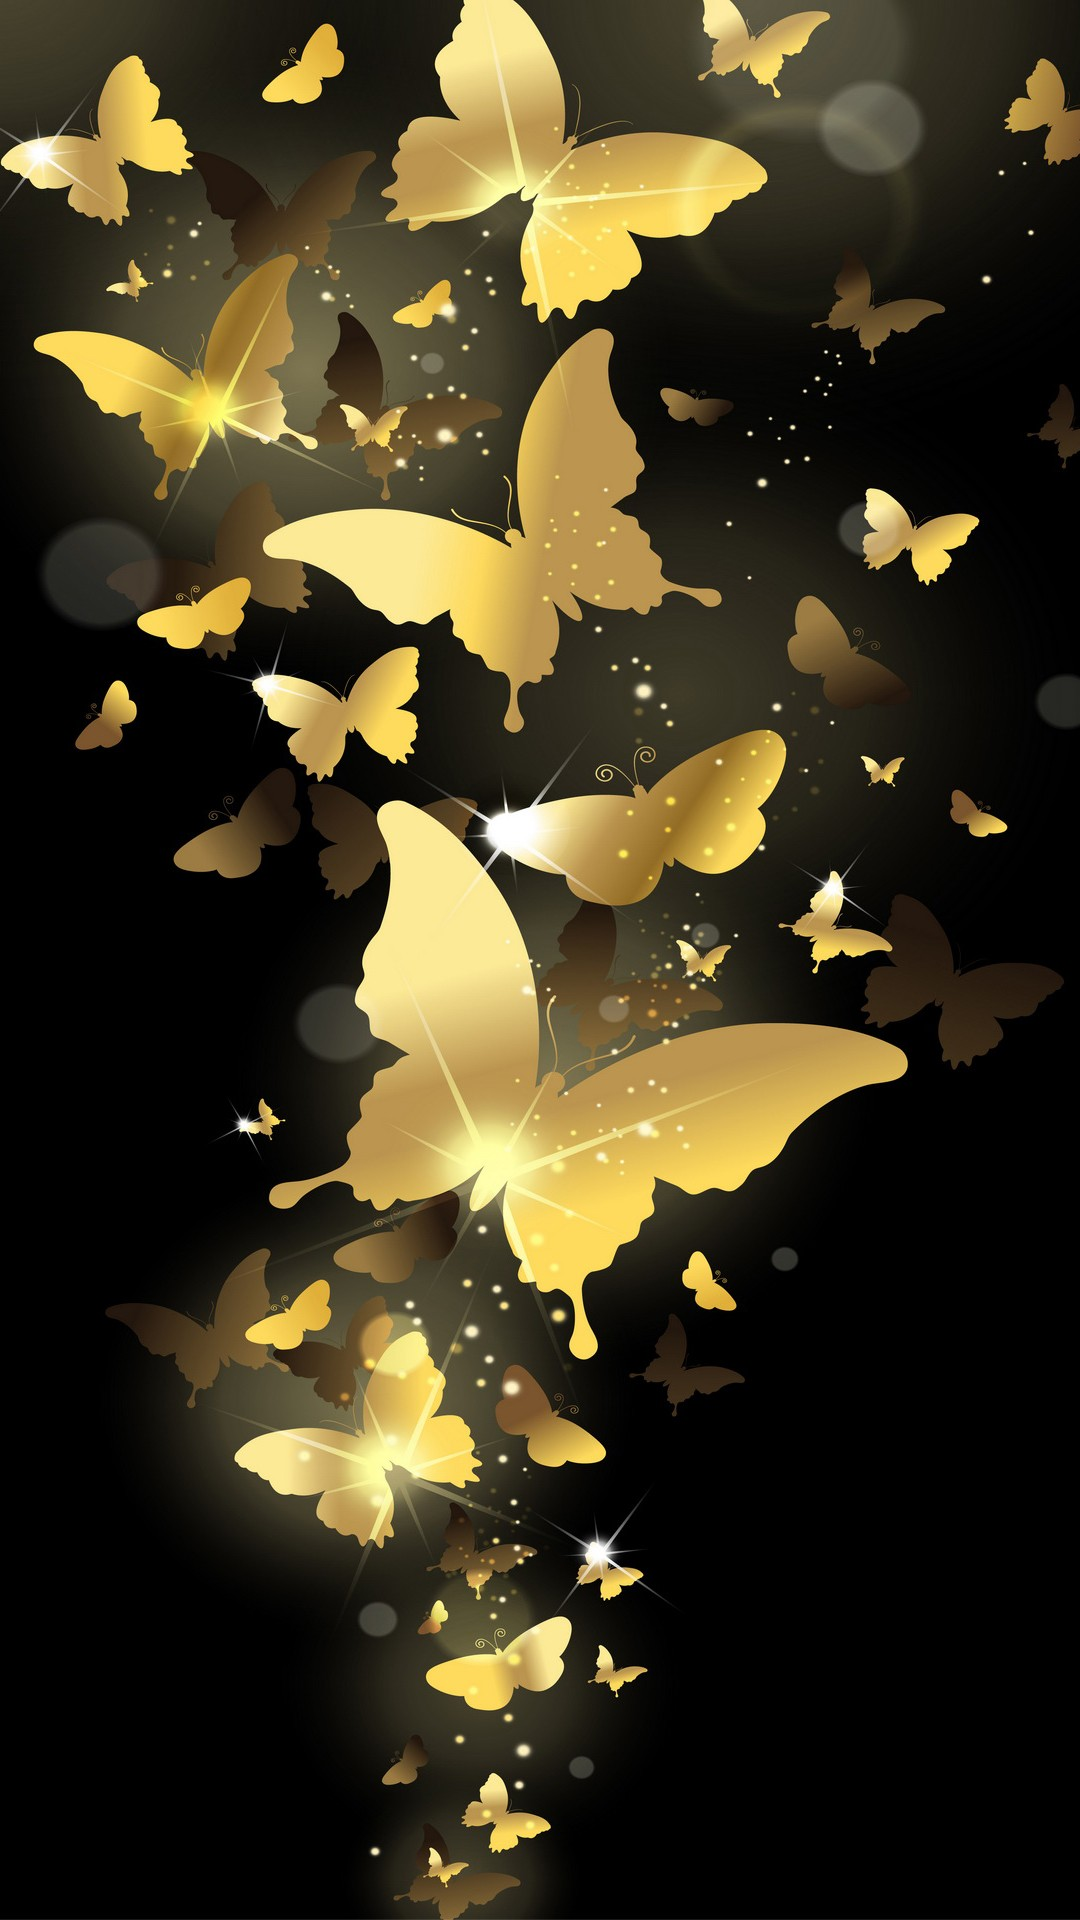 ... Butterflies Lockscreen iPhone 6 Plus HD Wallpaper | iPhone Wallpaper